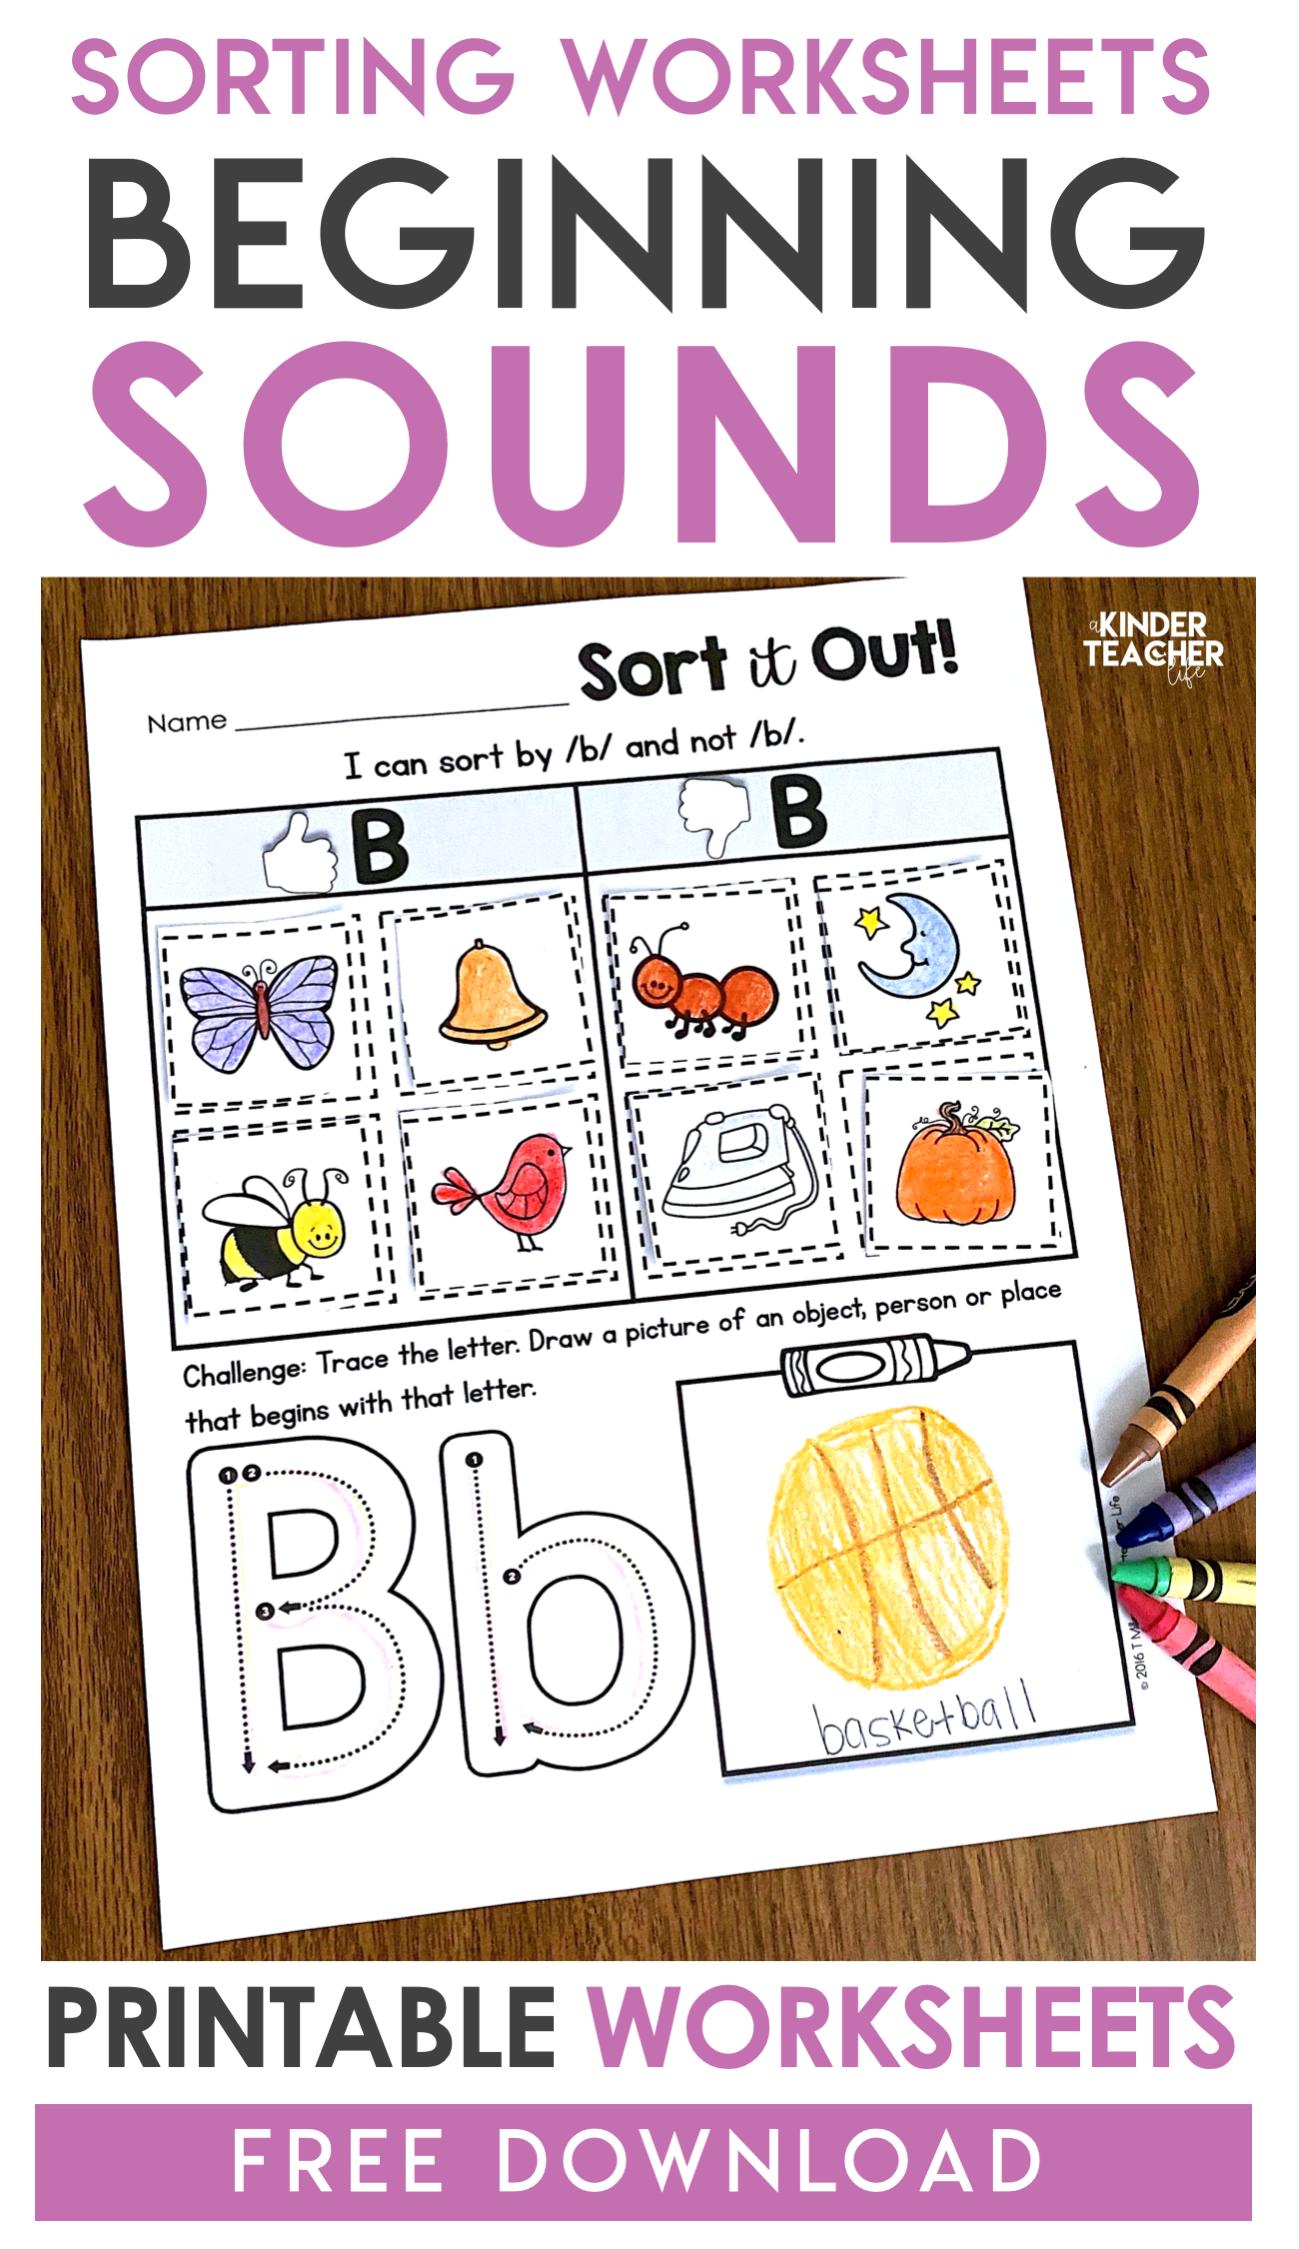 Free Phonemic Awareness Sorting Worksheets A Kinderteacher Life